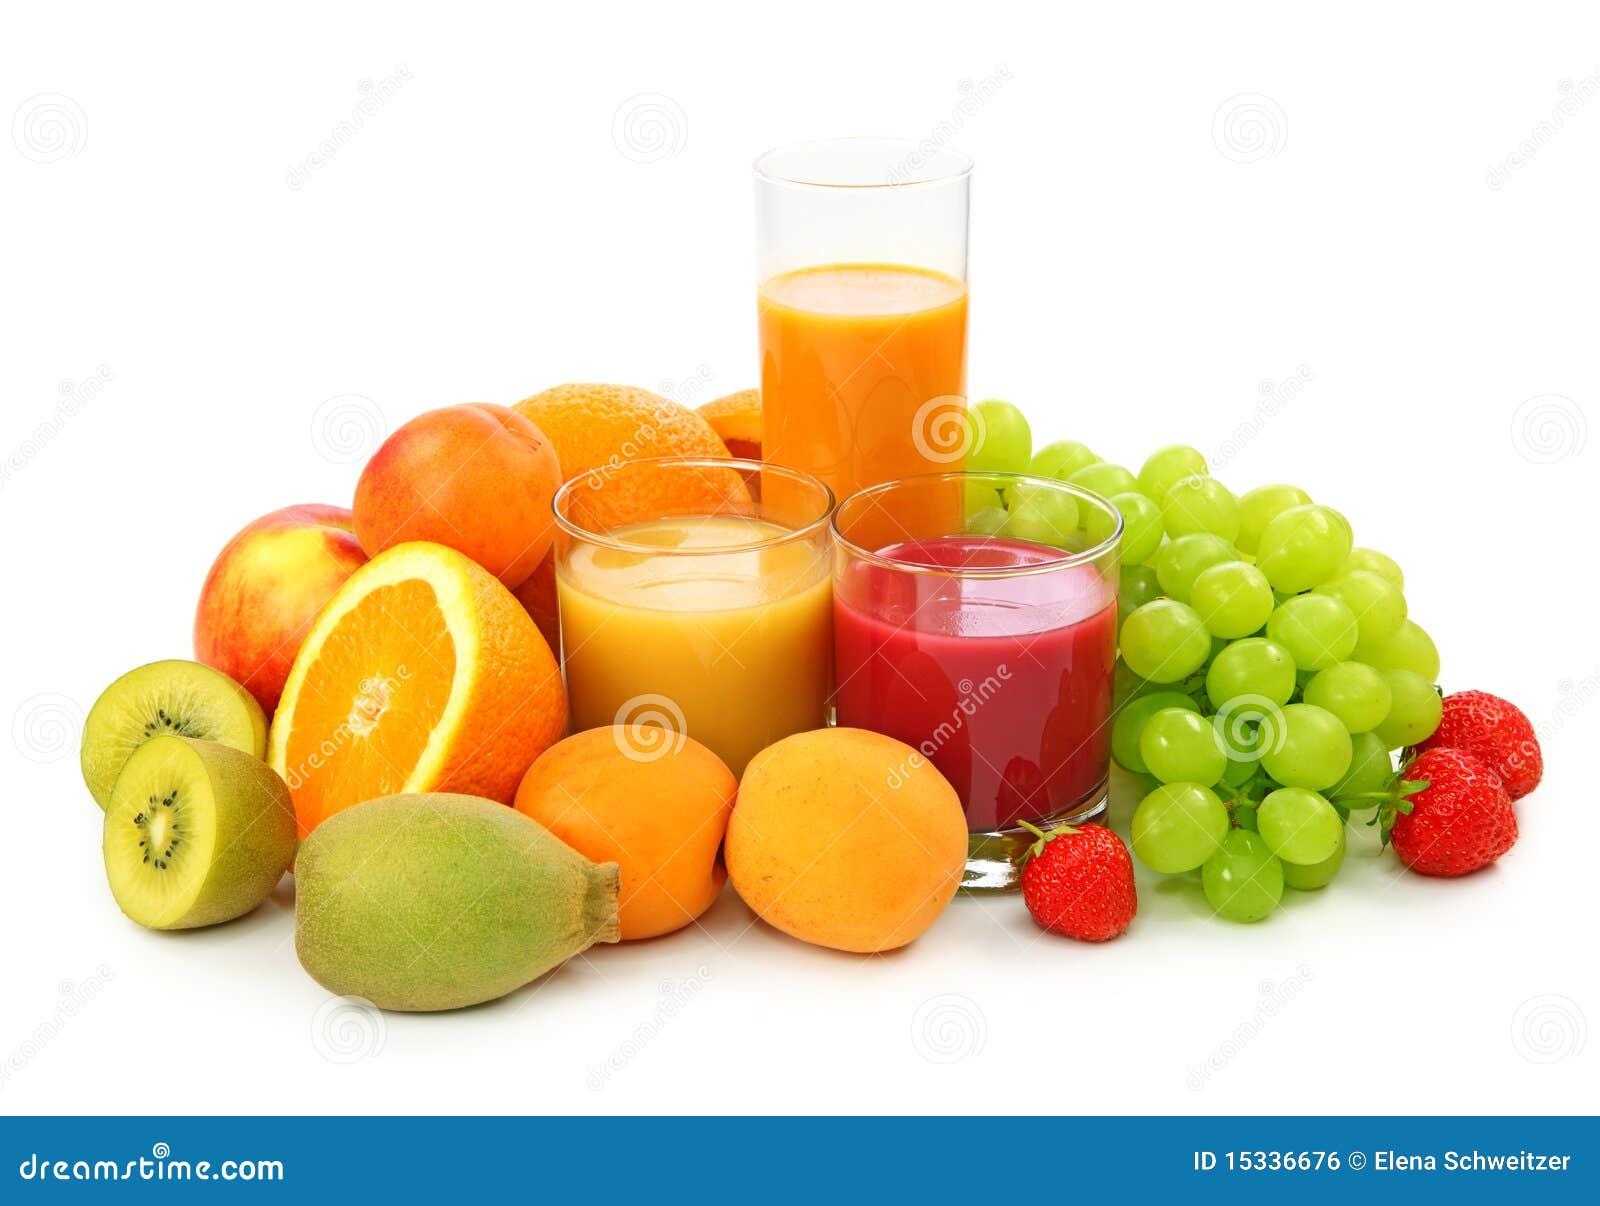 Frutas frescas y jugo